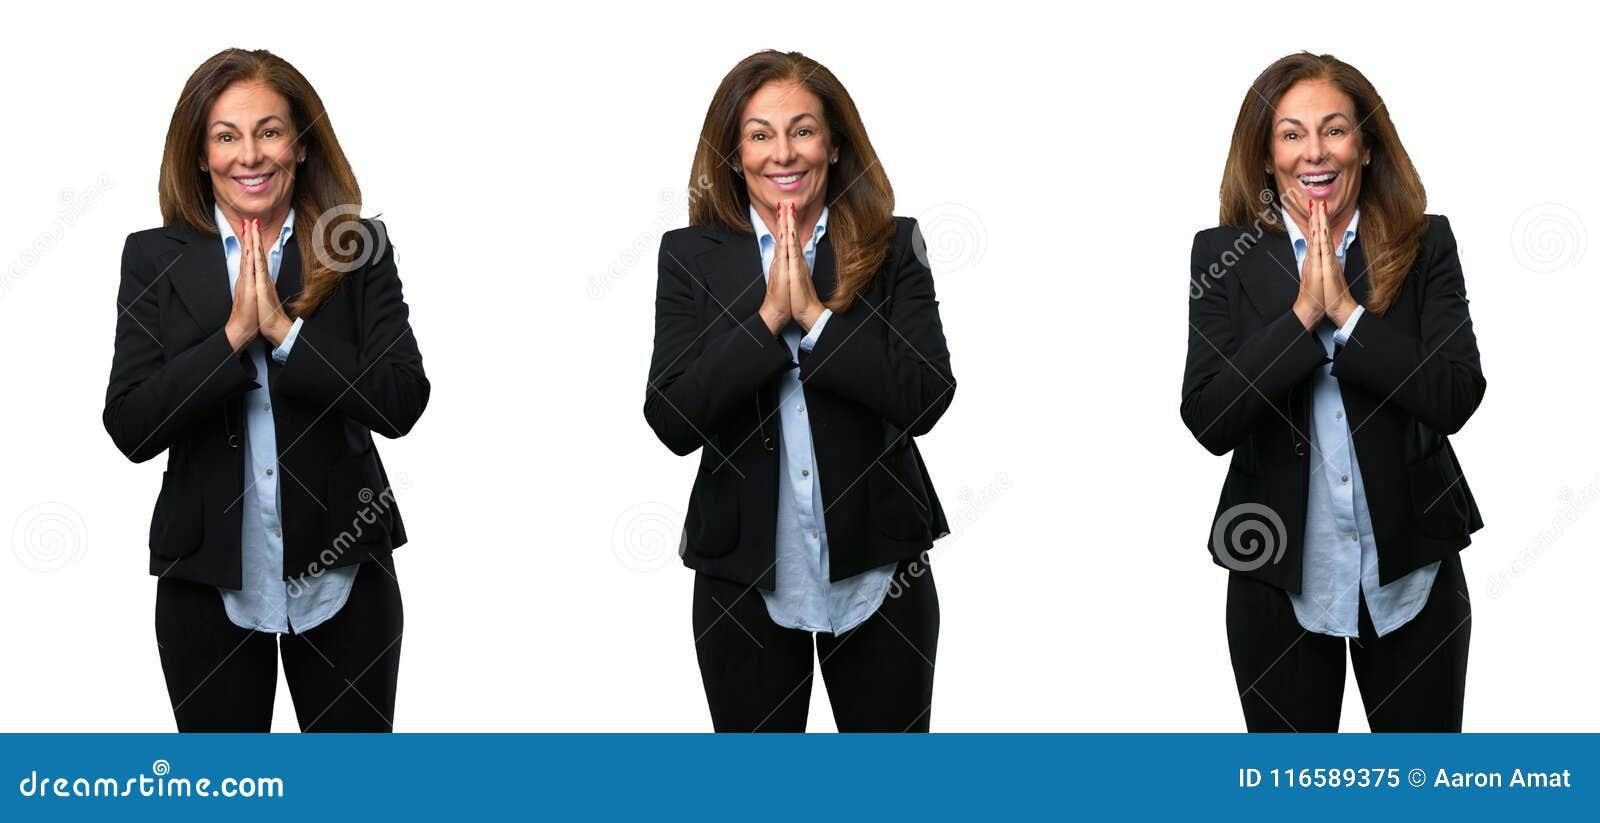 Επιχειρησιακή γυναίκα Μεσαίωνα με μακρυμάλλη